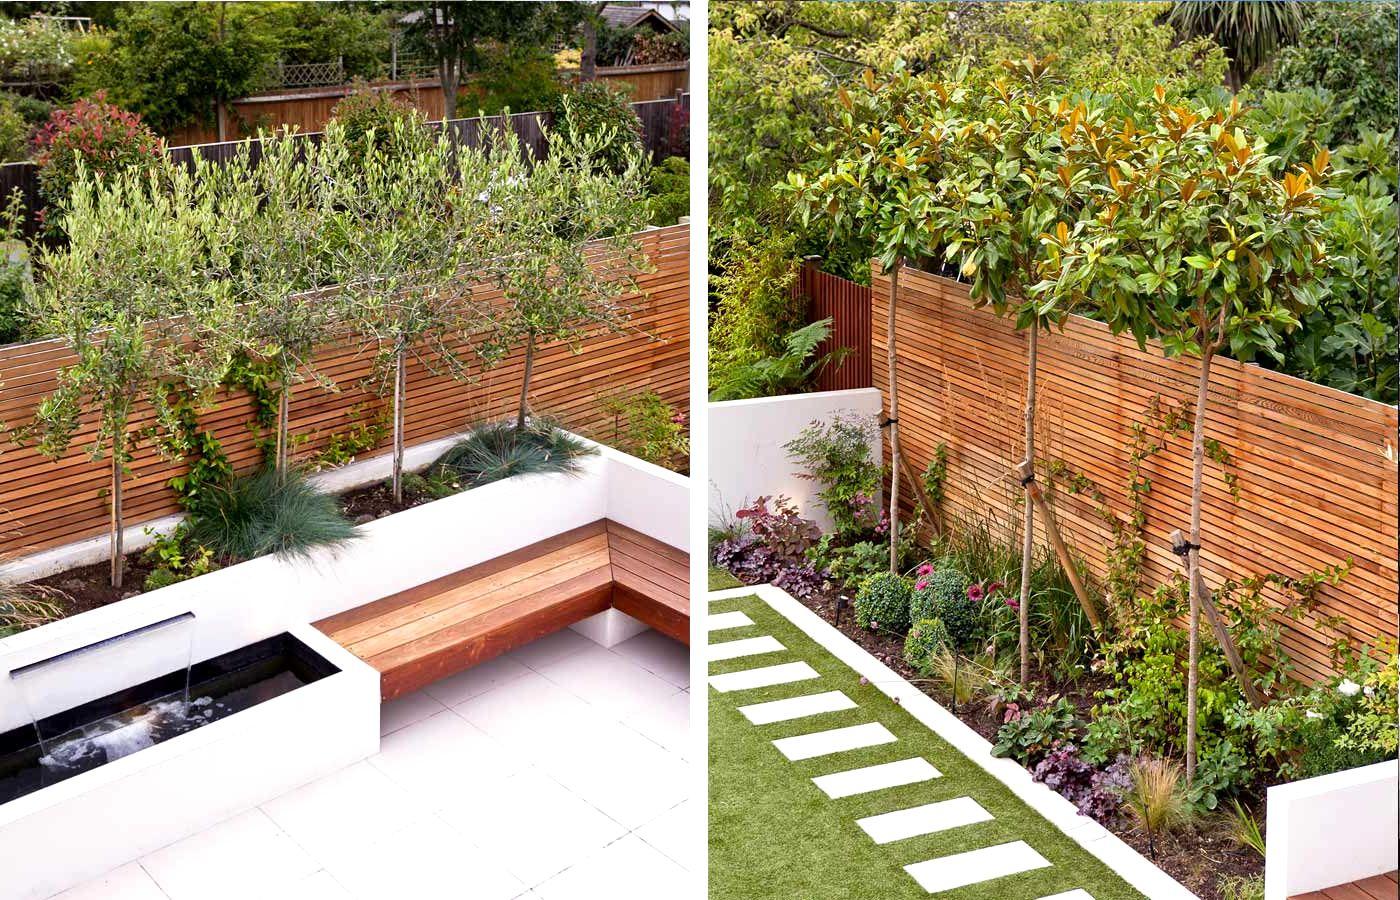 garden design ideas long narrow gardens photo - 10